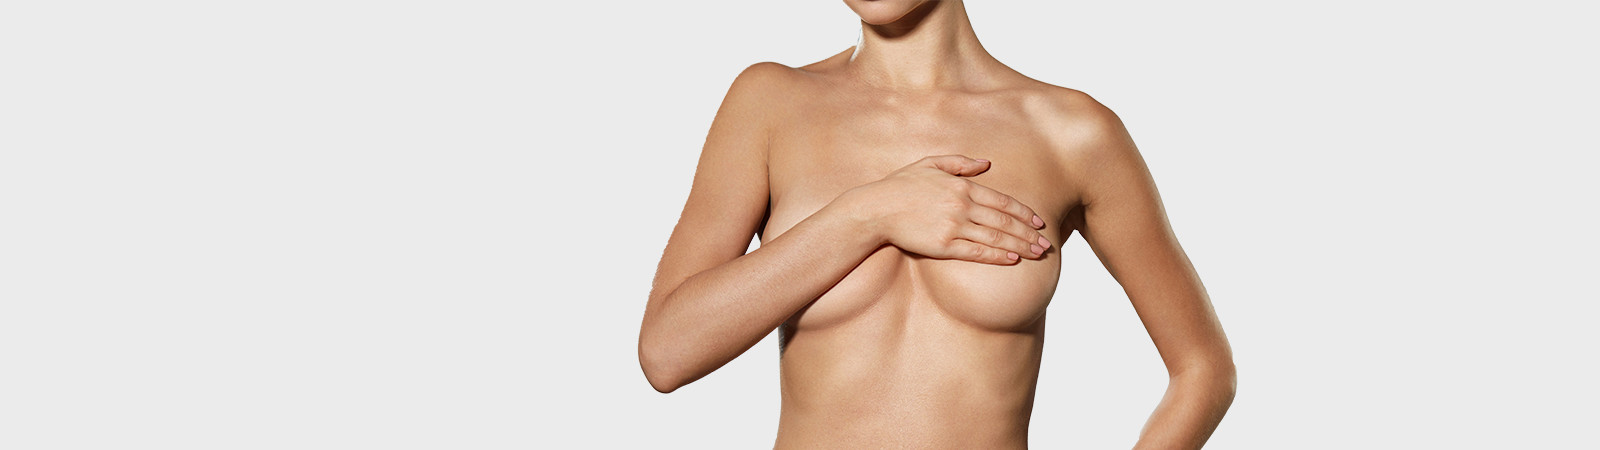 Brustvergrößerung mit Eigenfett, die natürliche Alternative zu Silikon - Dr. Armin Rau